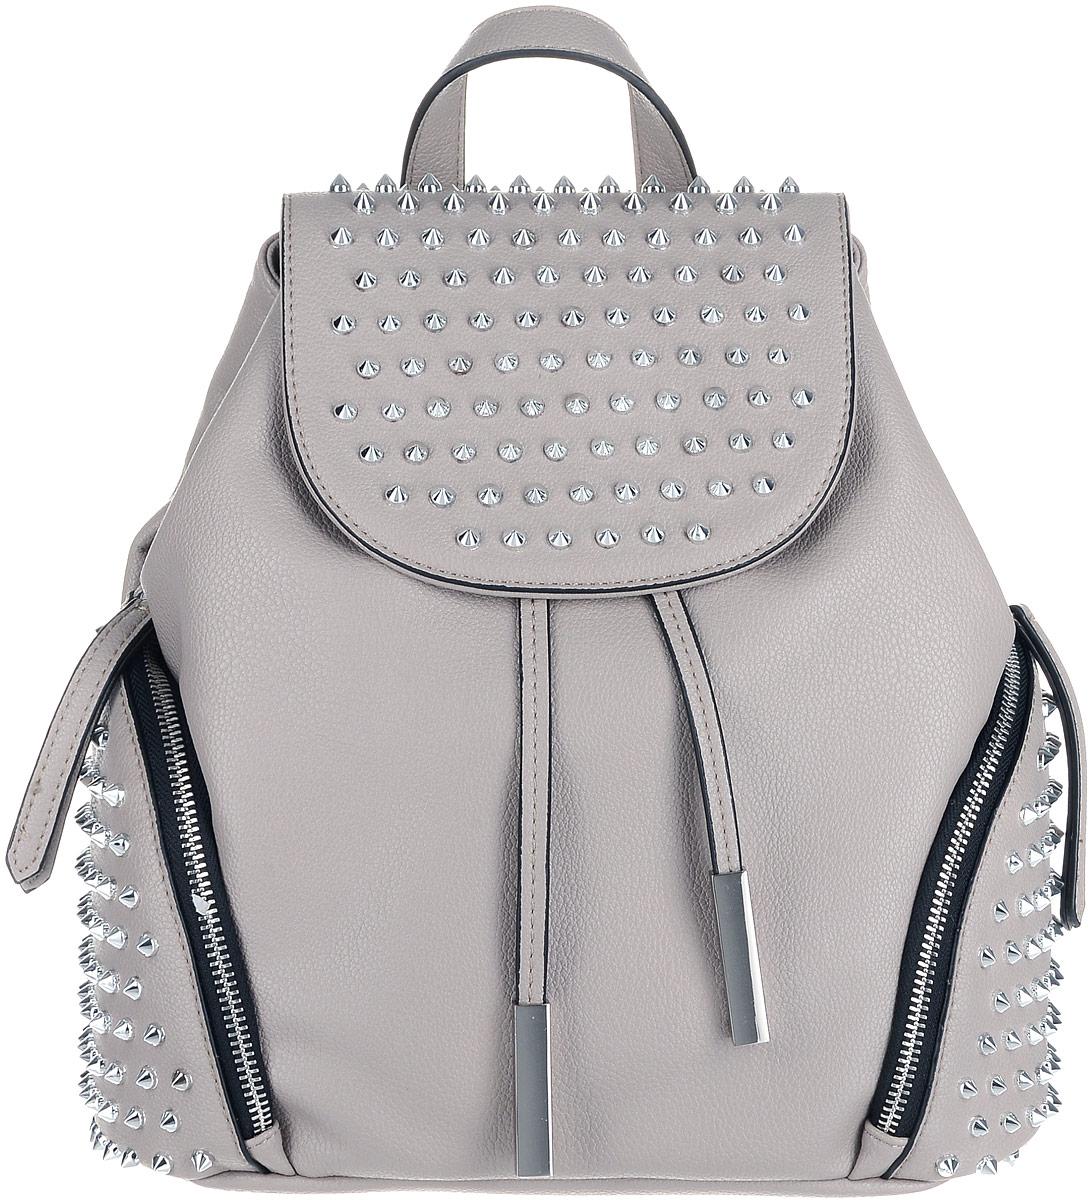 Рюкзак женский OrsOro, цвет: тауп. D-260/3D-260/3Экстравагантный женский рюкзак на затяжках и с крышкой-клапаном на магнитной кнопке, заставит обратить на себя внимание. Изделие имеет одно отделение, два боковых кармана на молнии. Внутри отделения находятся два накладных кармашка под сотовый телефон или для мелочей и один прорезной карман на застежке-молнии. Оригинальный дизайн глам панк выражают металлические шипы на крышке-клапане и боковых карманах рюкзака. Рюкзак обладает удобной ручкой сверху для переноски и двумя регулируемыми плечевыми ремнями-лямками.